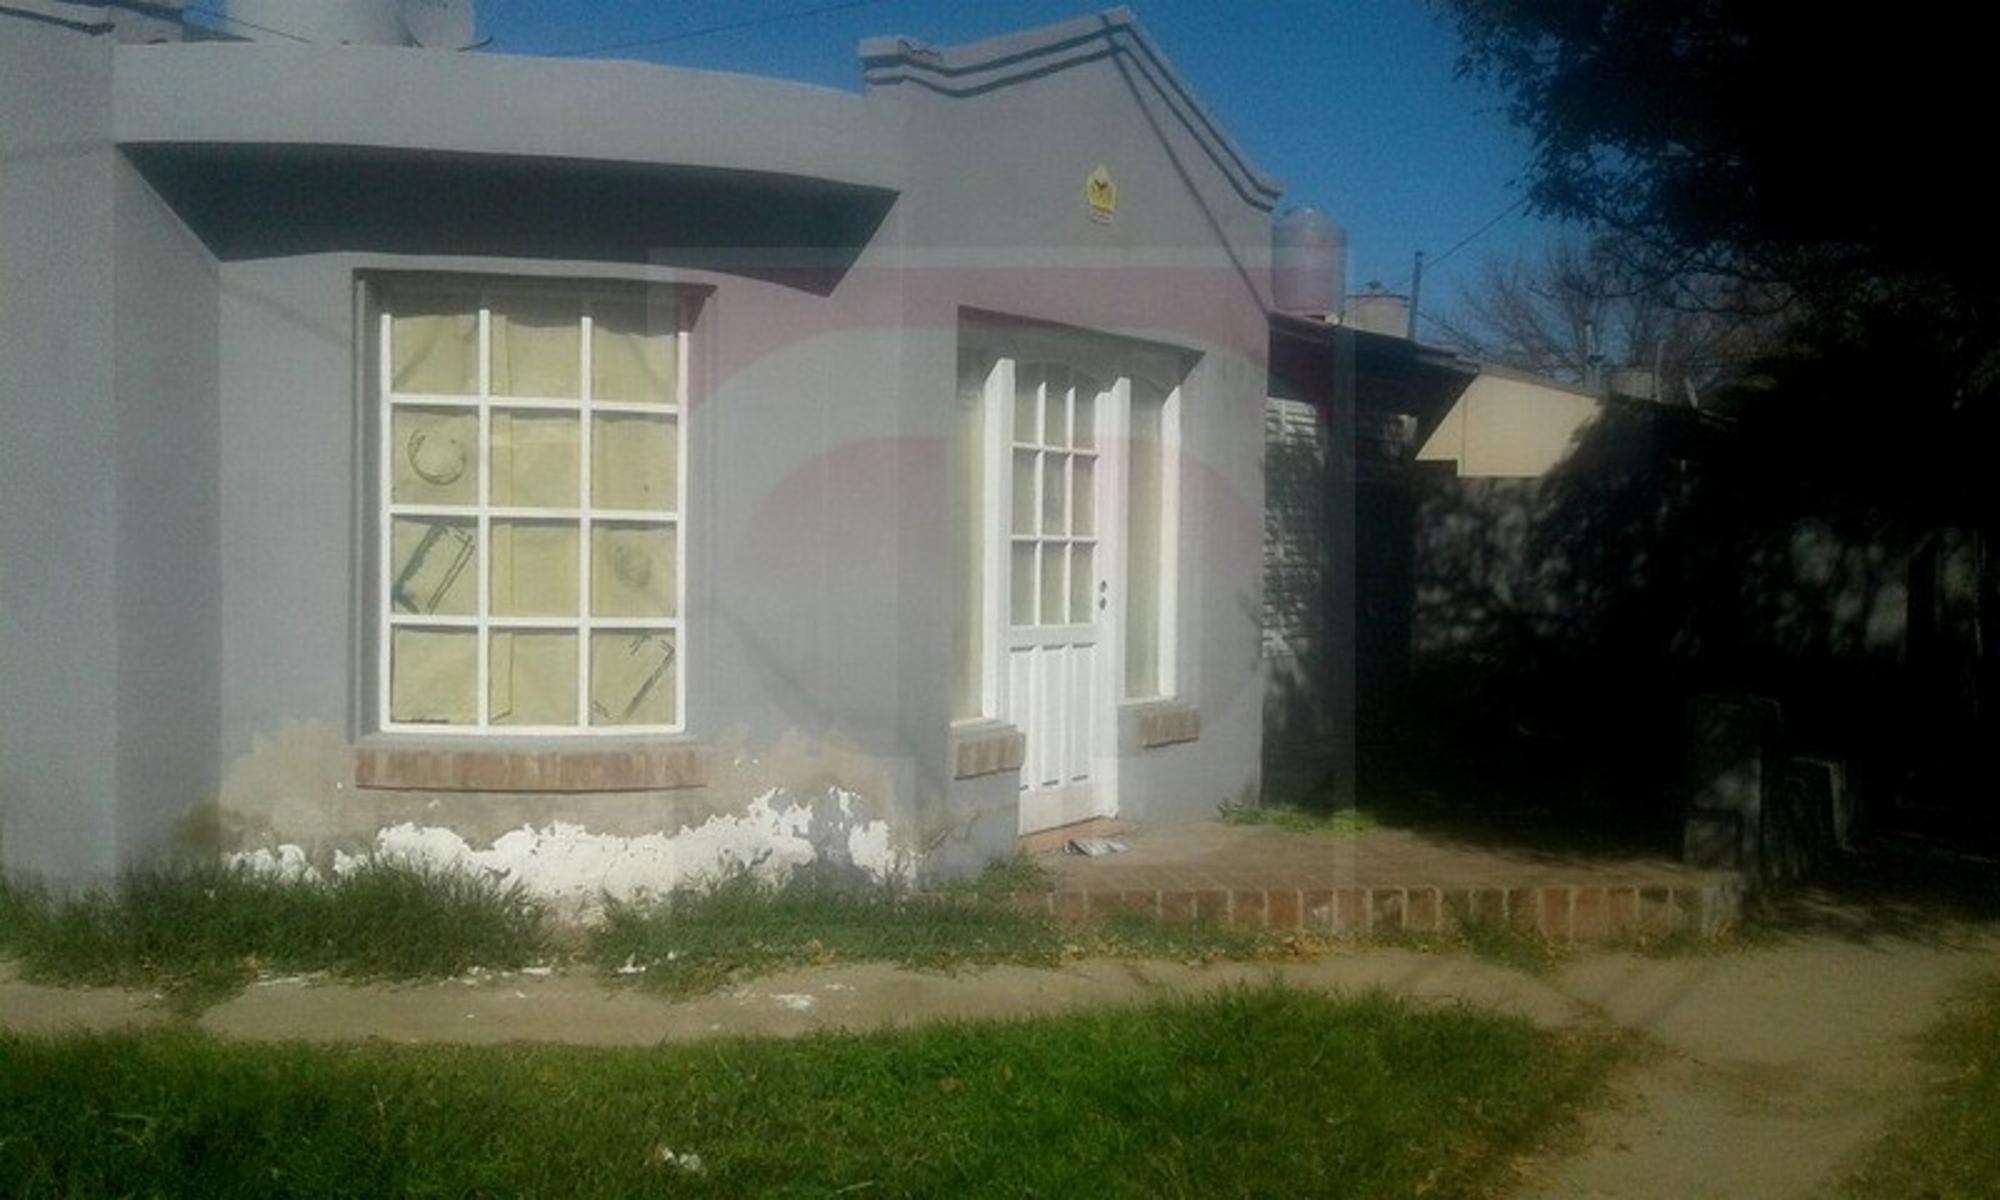 Casa en venta Av. Perón y Las Jarillas, DAIANA DOMINGUEZ NEGOCIOS INMOBILIARIOS